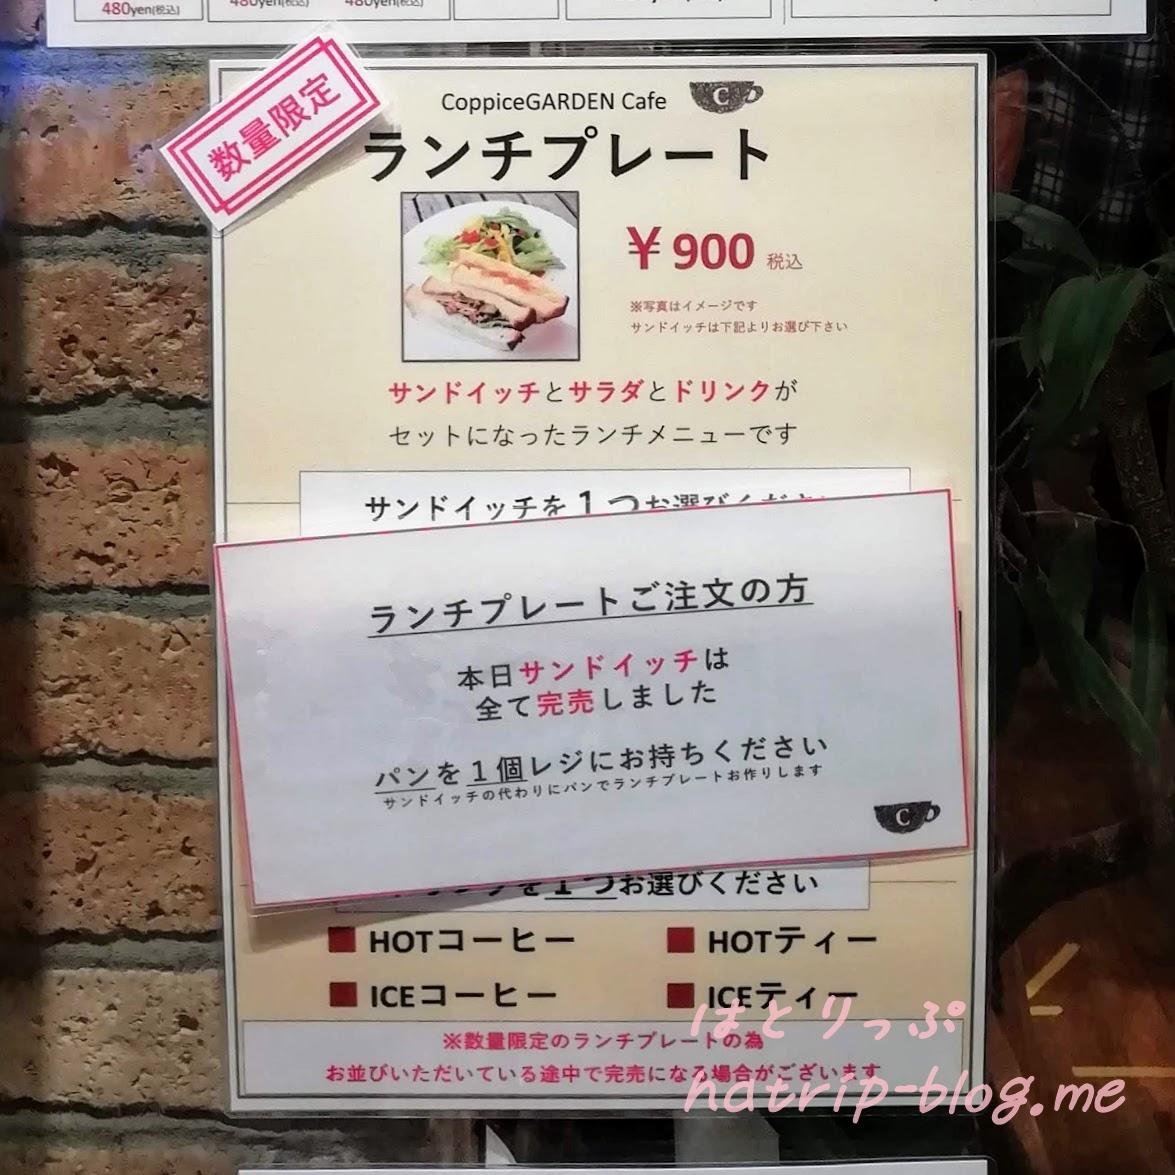 横浜イングリッシュガーデン コピスガーデンカフェ ランチプレート